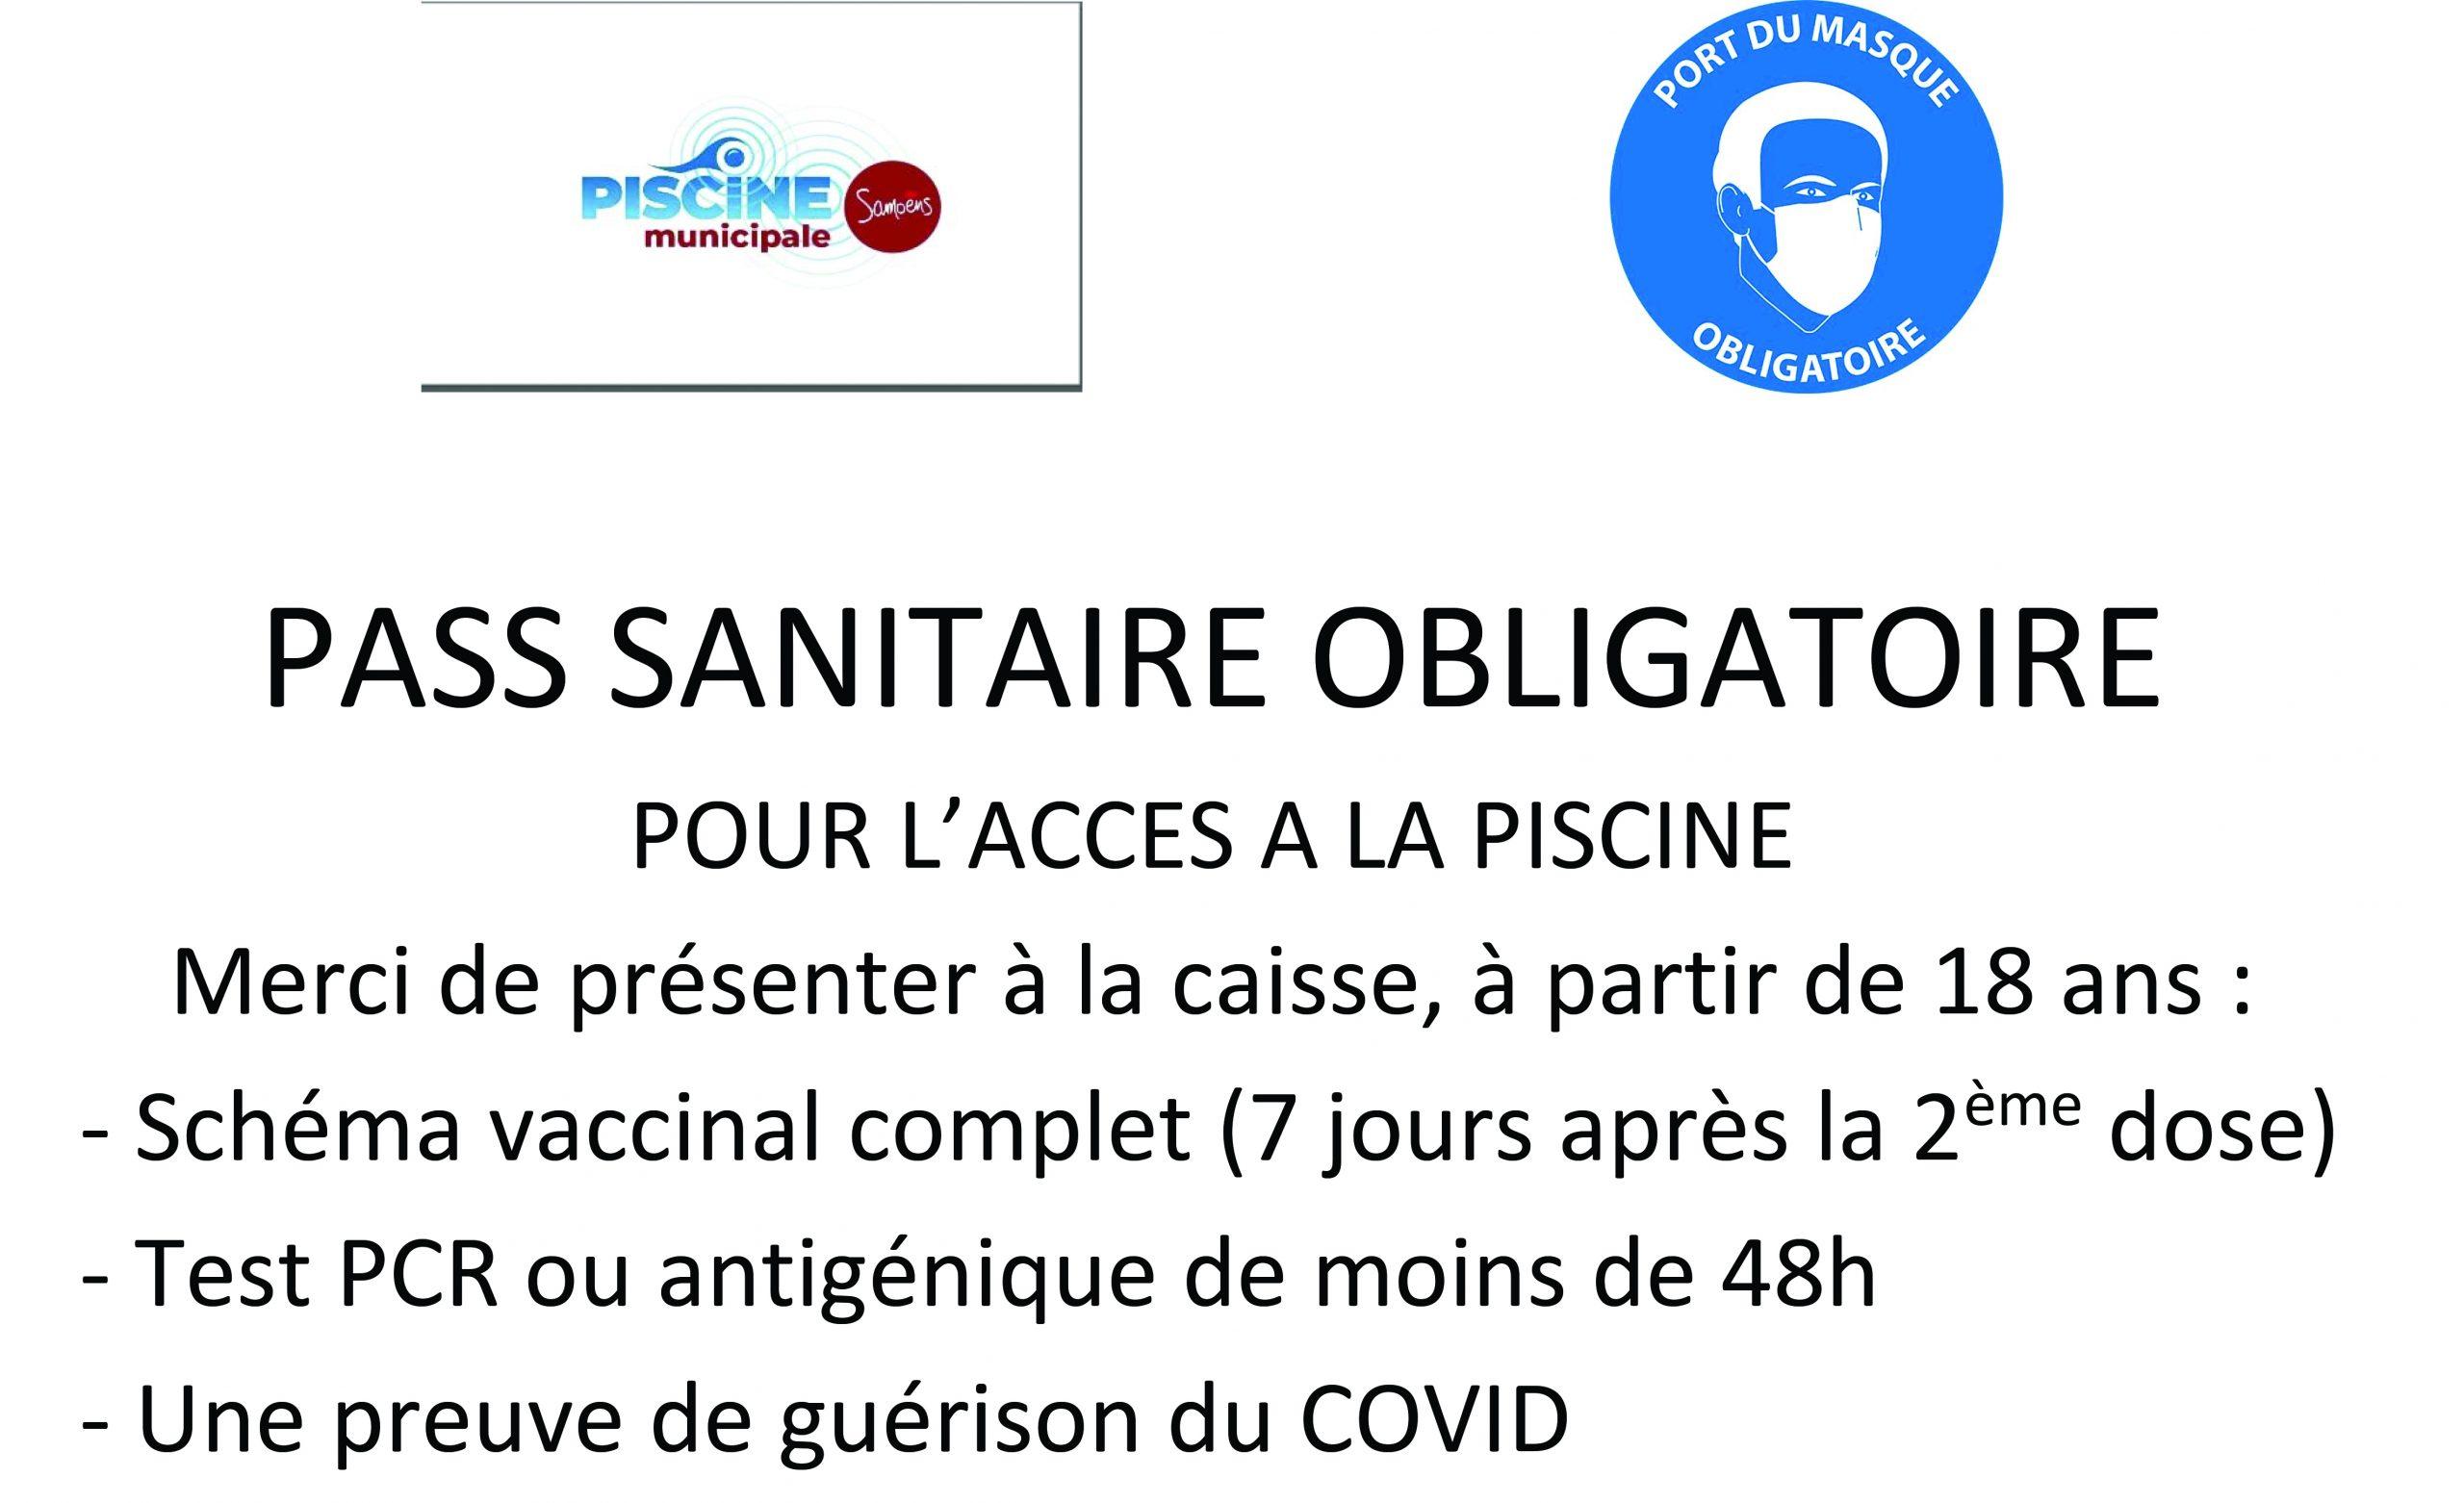 Piscine municipale – Mise en vigueur du pass sanitaire